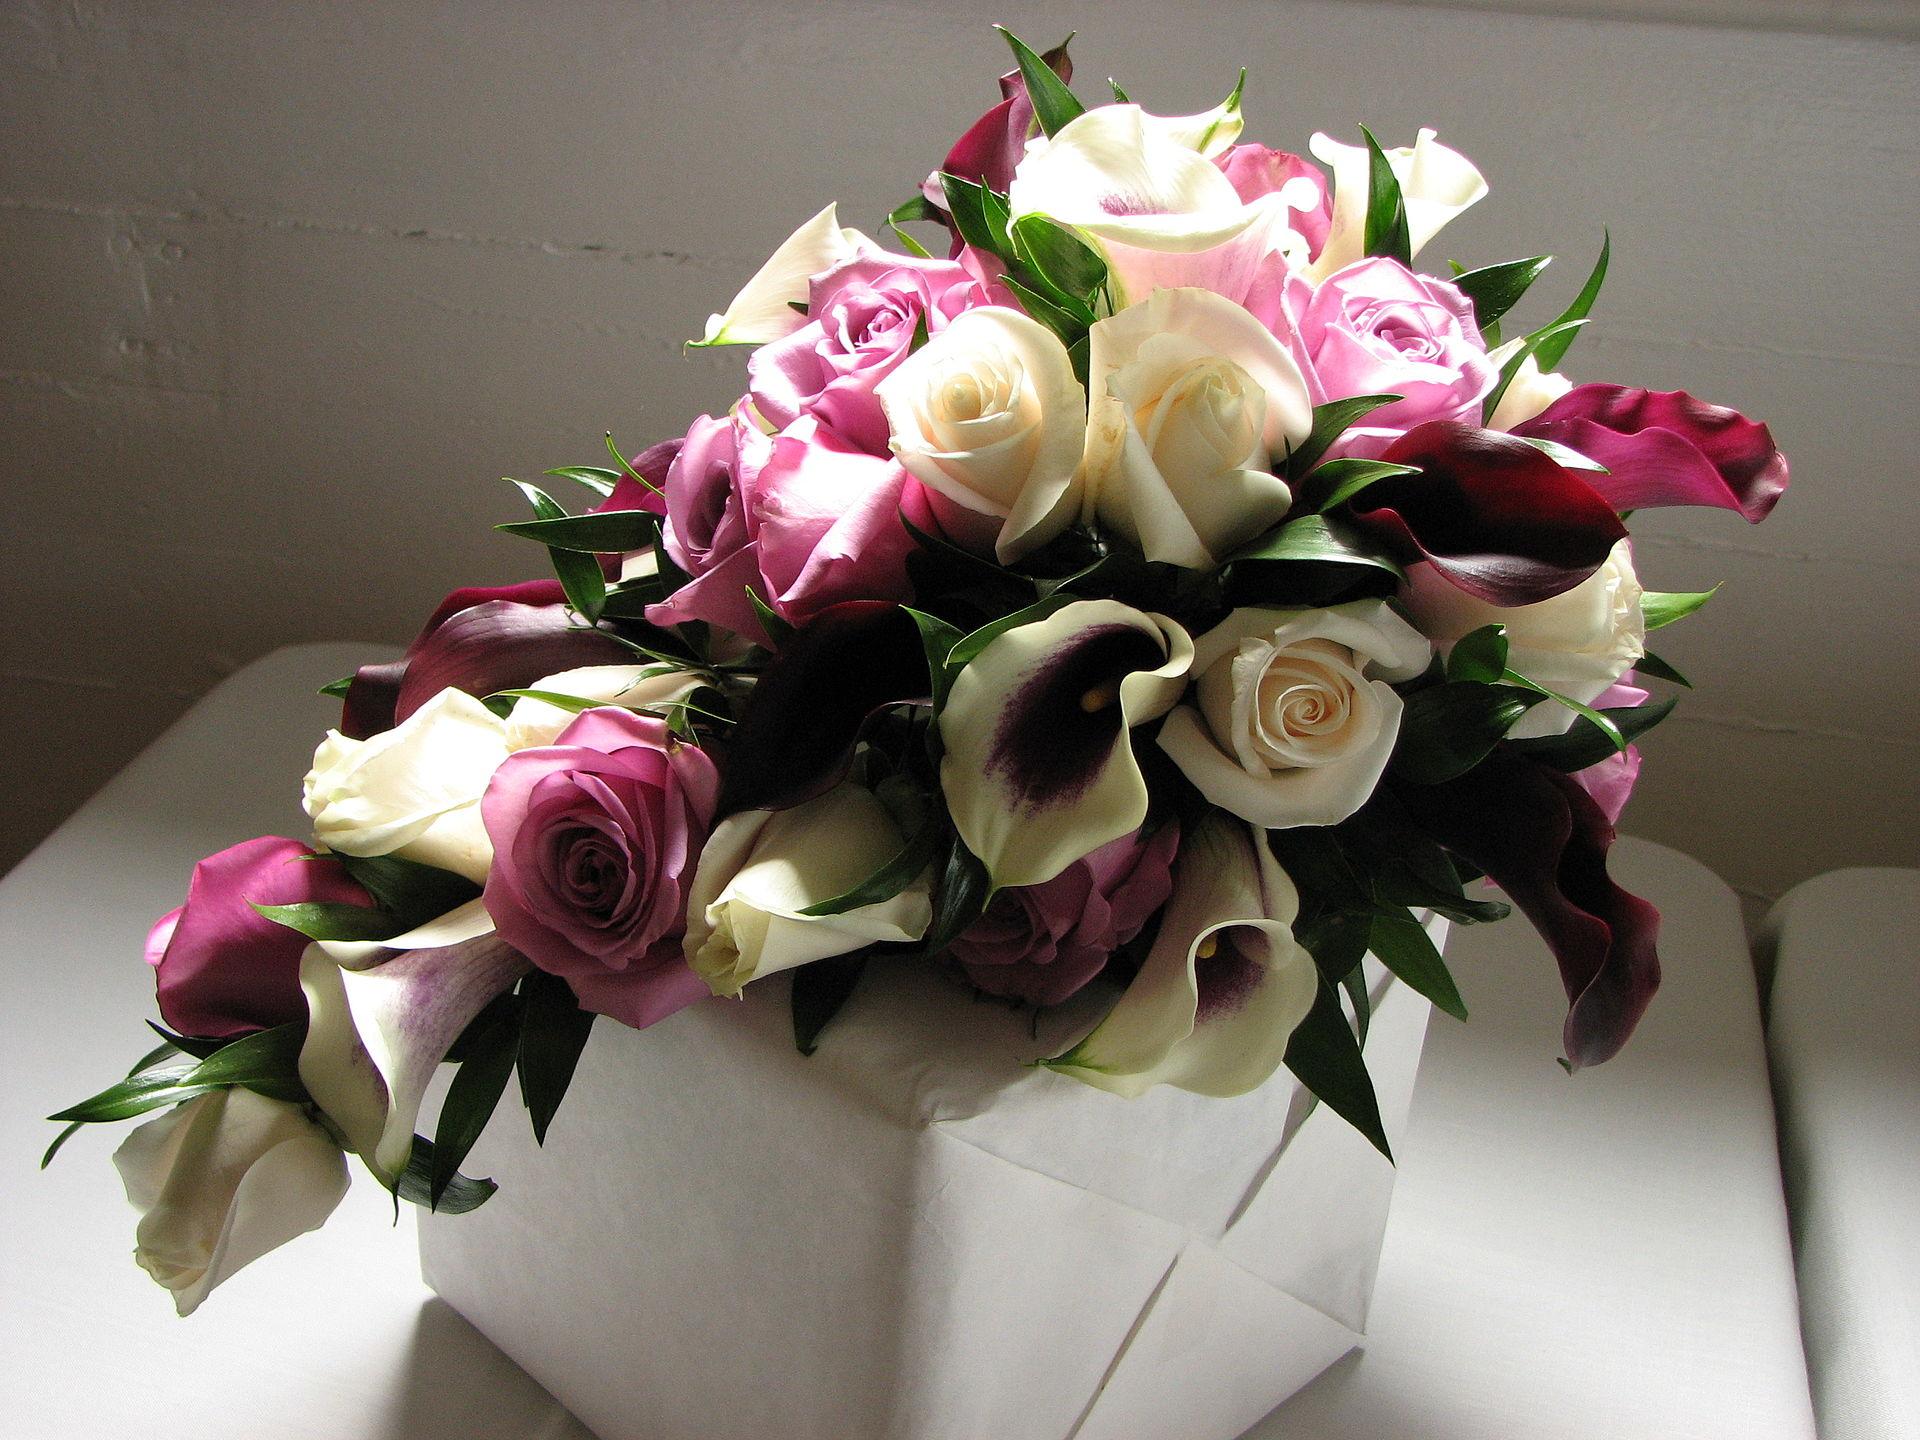 Langage des fleurs wikip dia for Bouquet de fleurs wiki